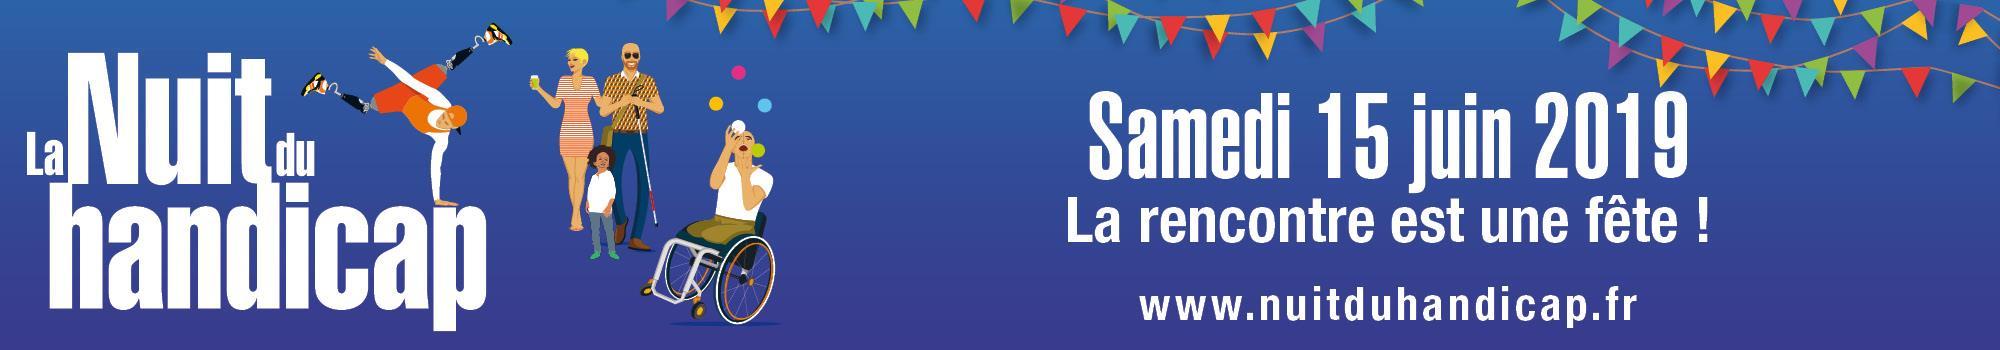 La Nuit du handicap 2019 - Angers - LA NUIT DU HANDICAP